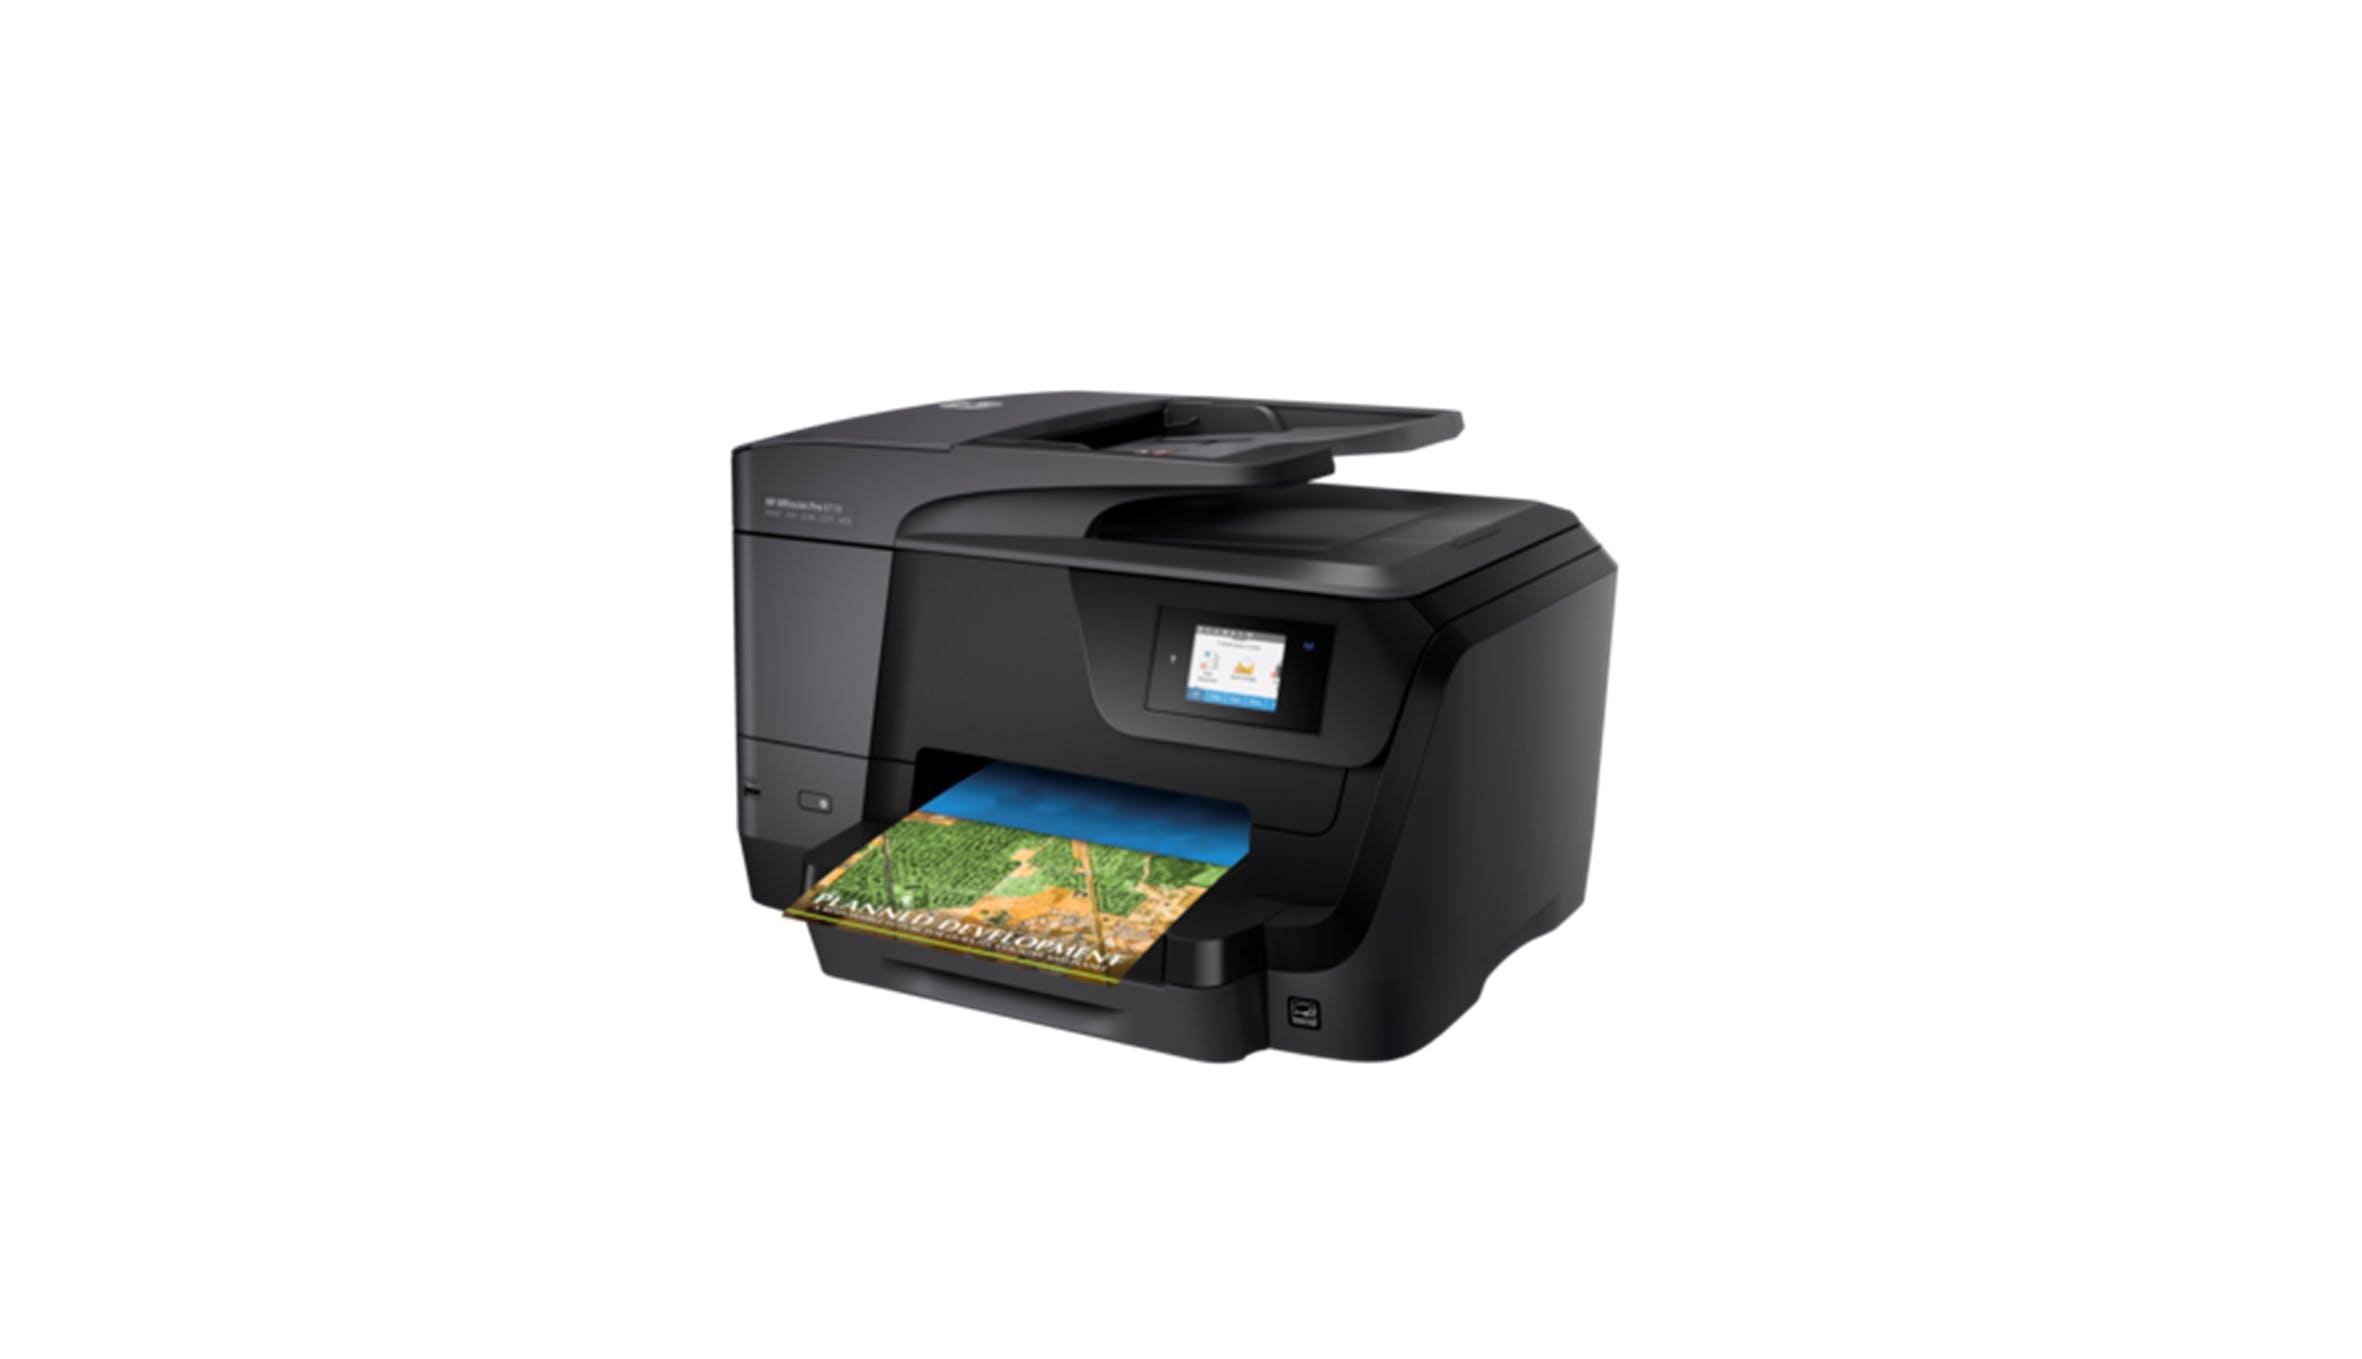 ניס HP OfficeJet Pro 8710 All-in-One Printer | Harvey Norman Singapore VZ-04